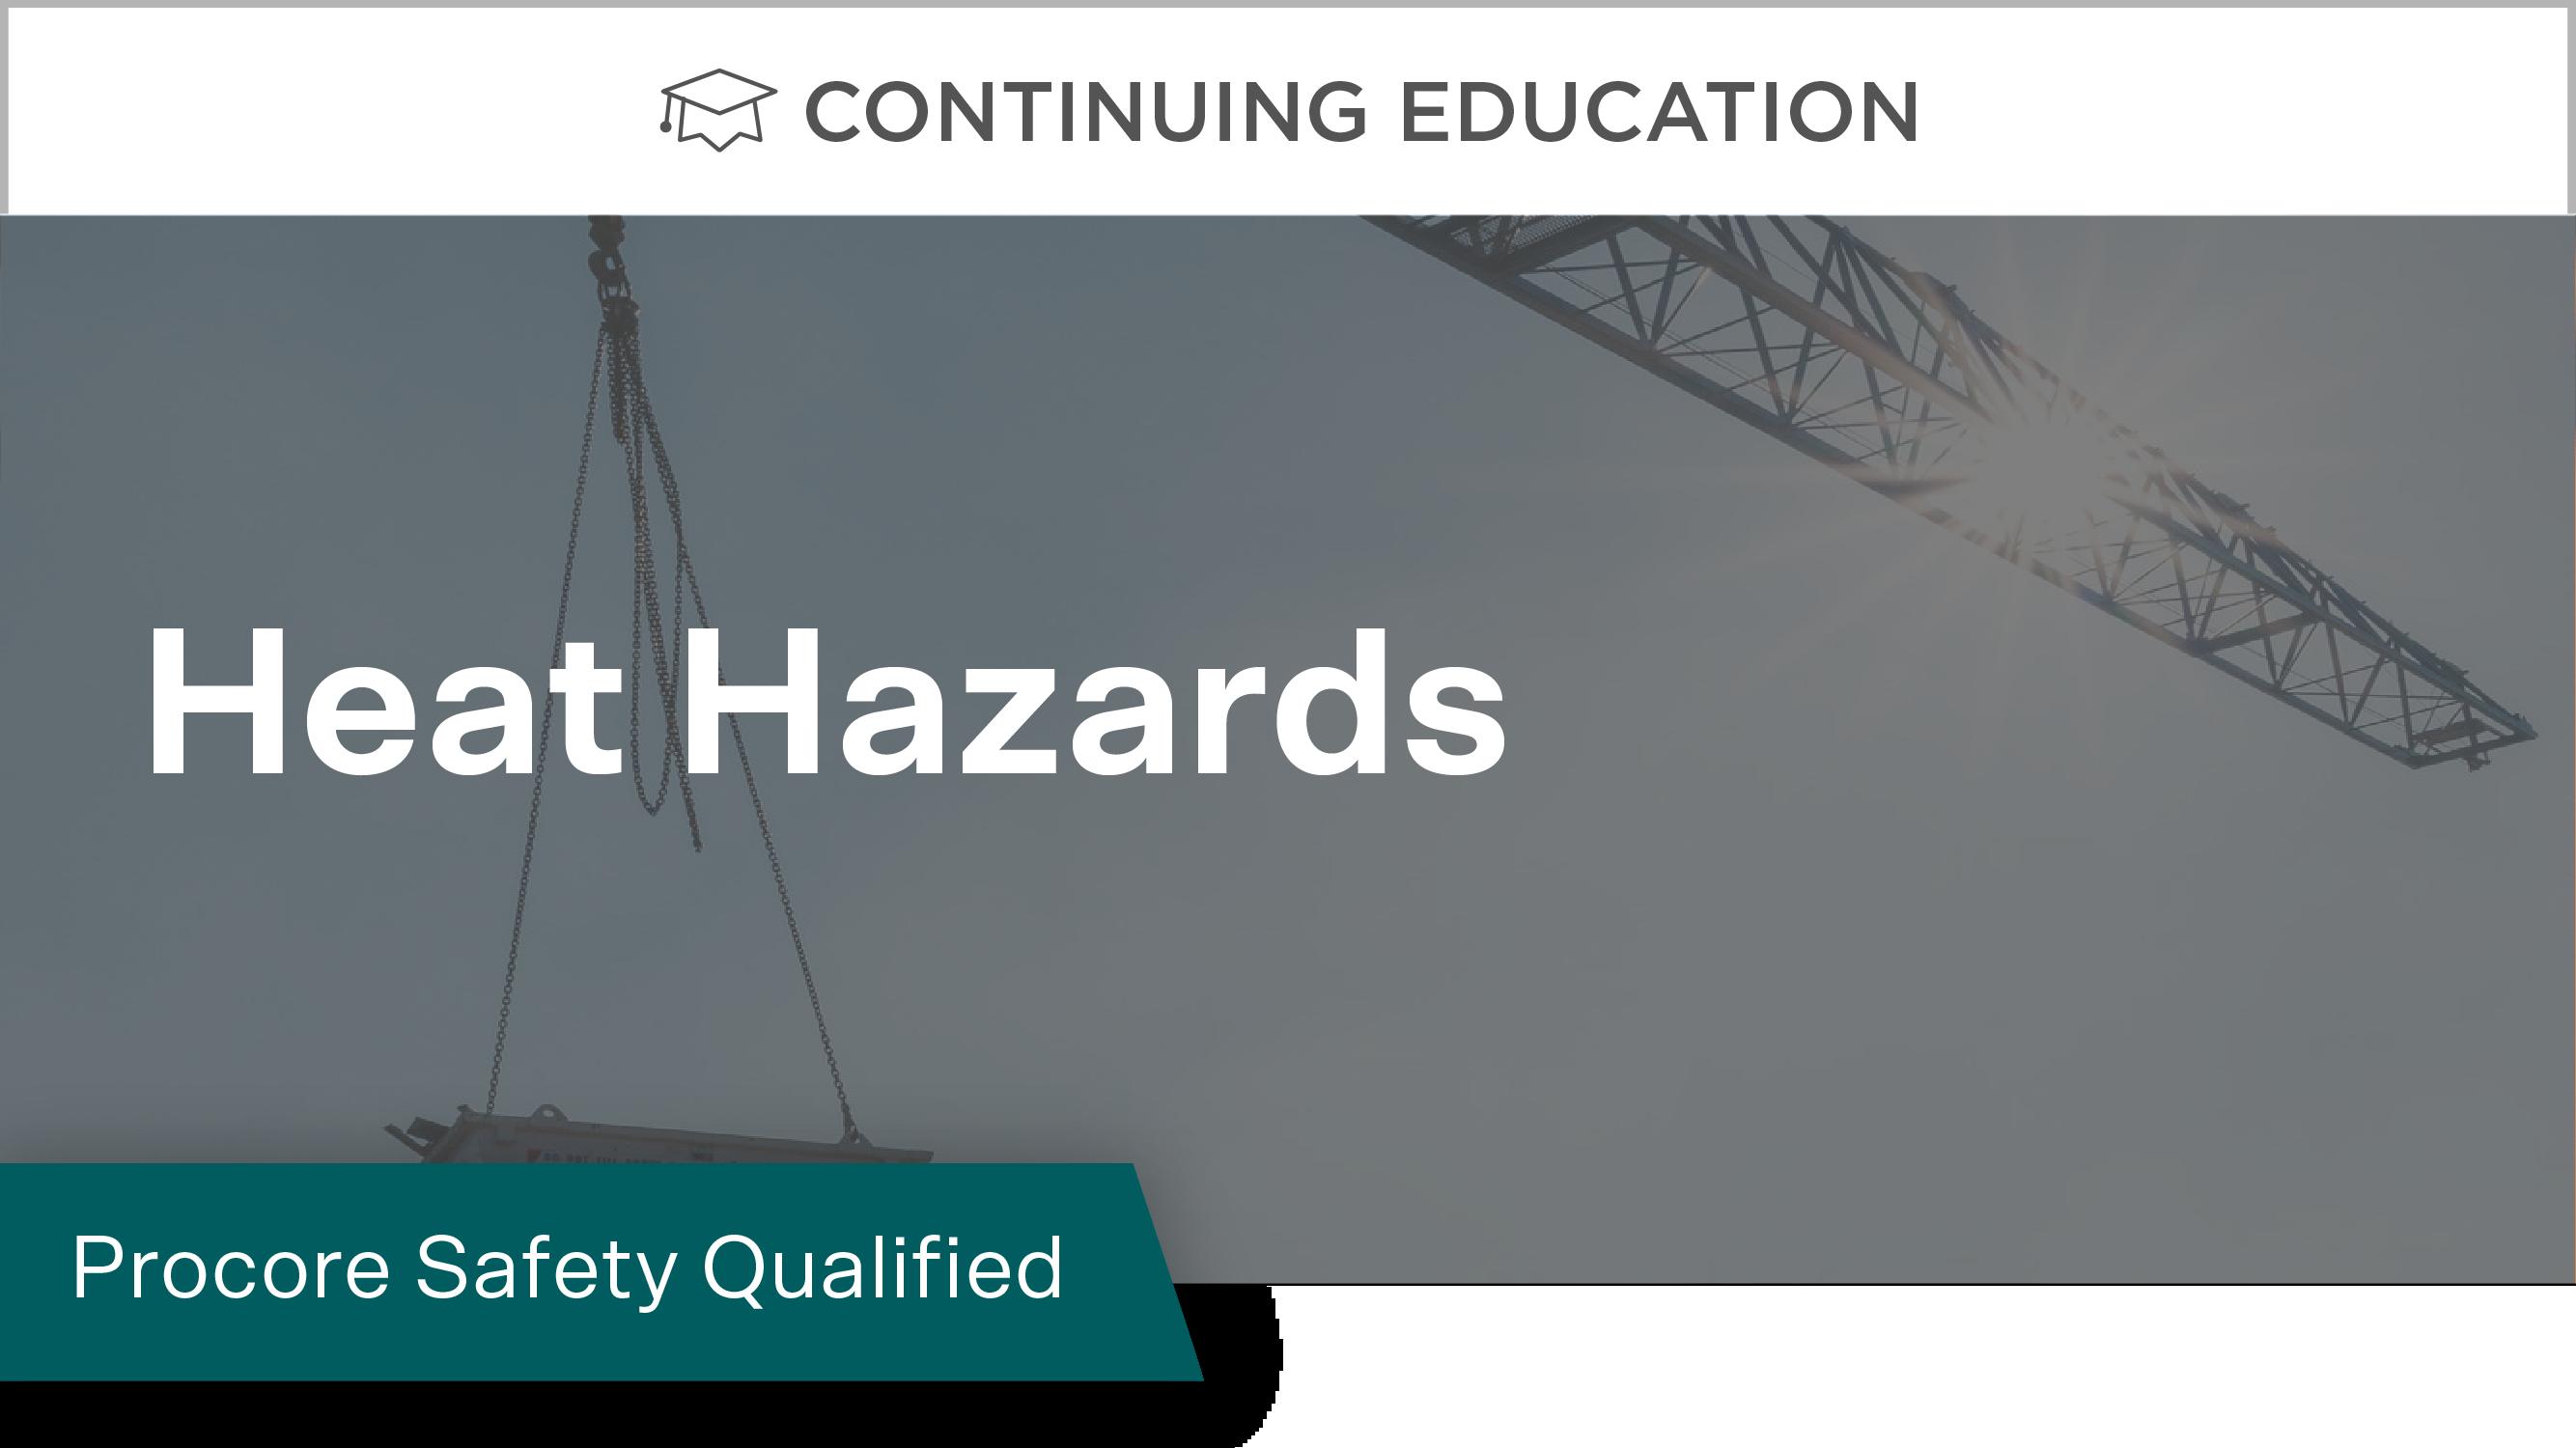 Procore Safety Qualified: Heat Hazards